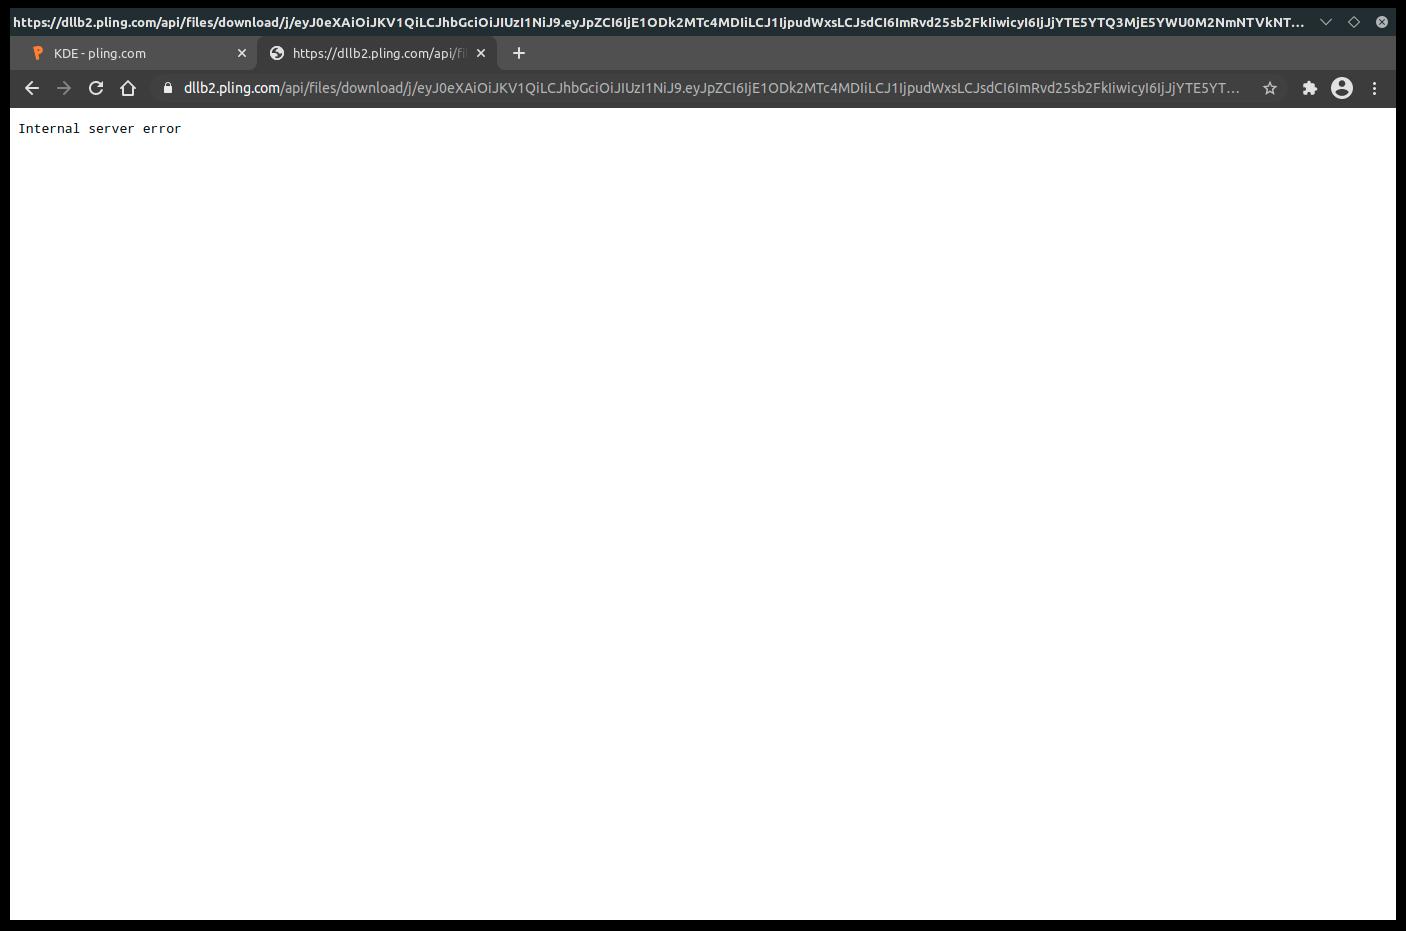 Screenshot%20from%202021-01-23%2013-31-07